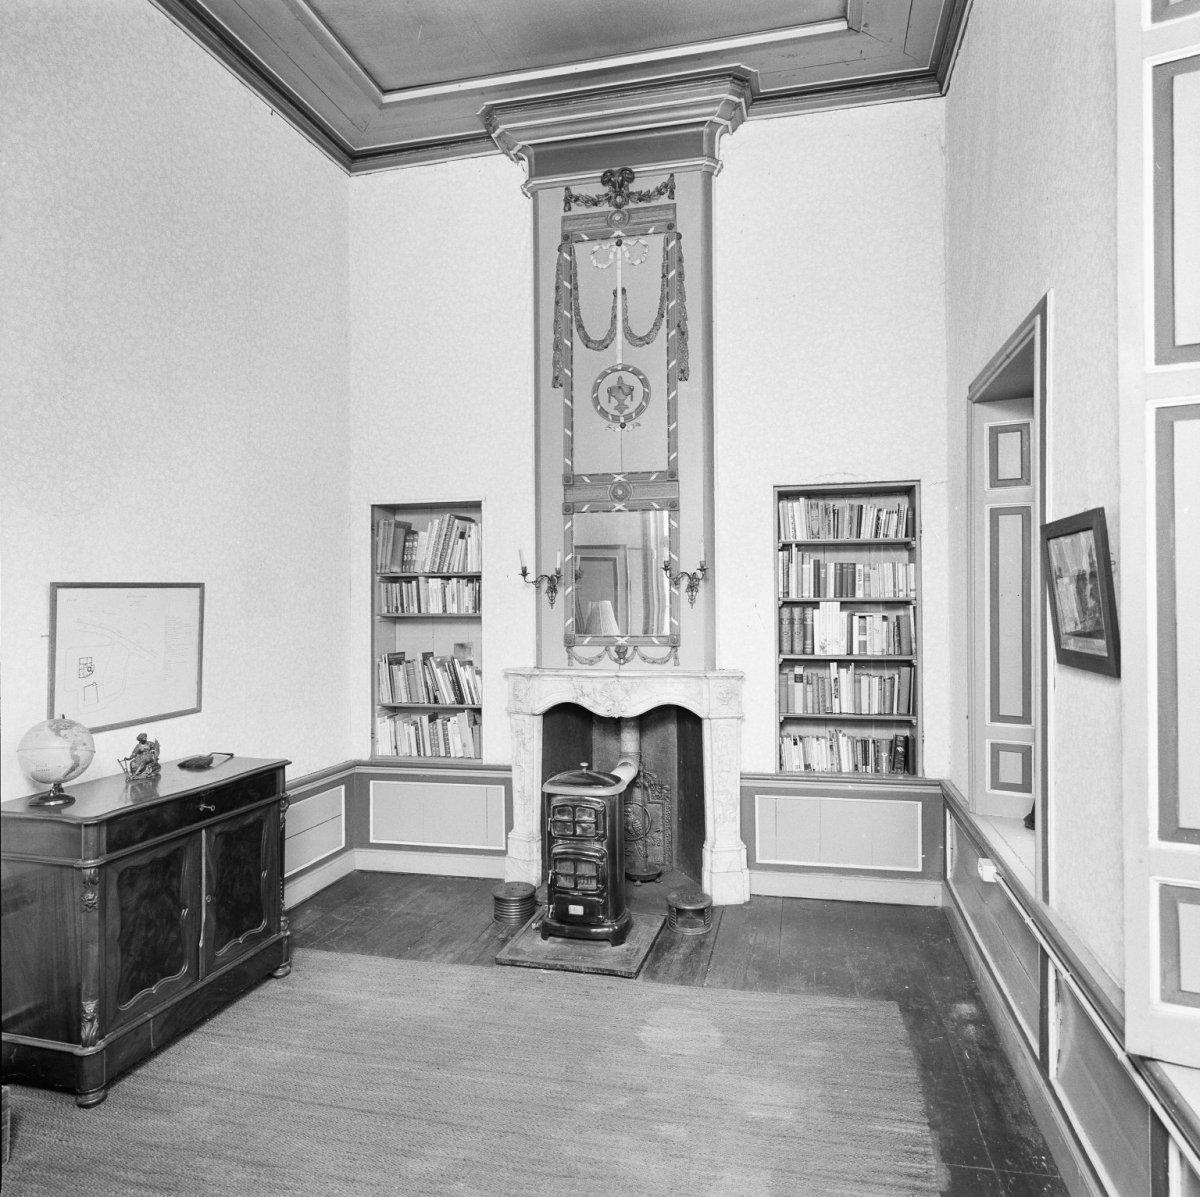 File interieur bibliotheek schouw loenersloot 20277207 wikimedia commons - Interieur bibliotheek ...